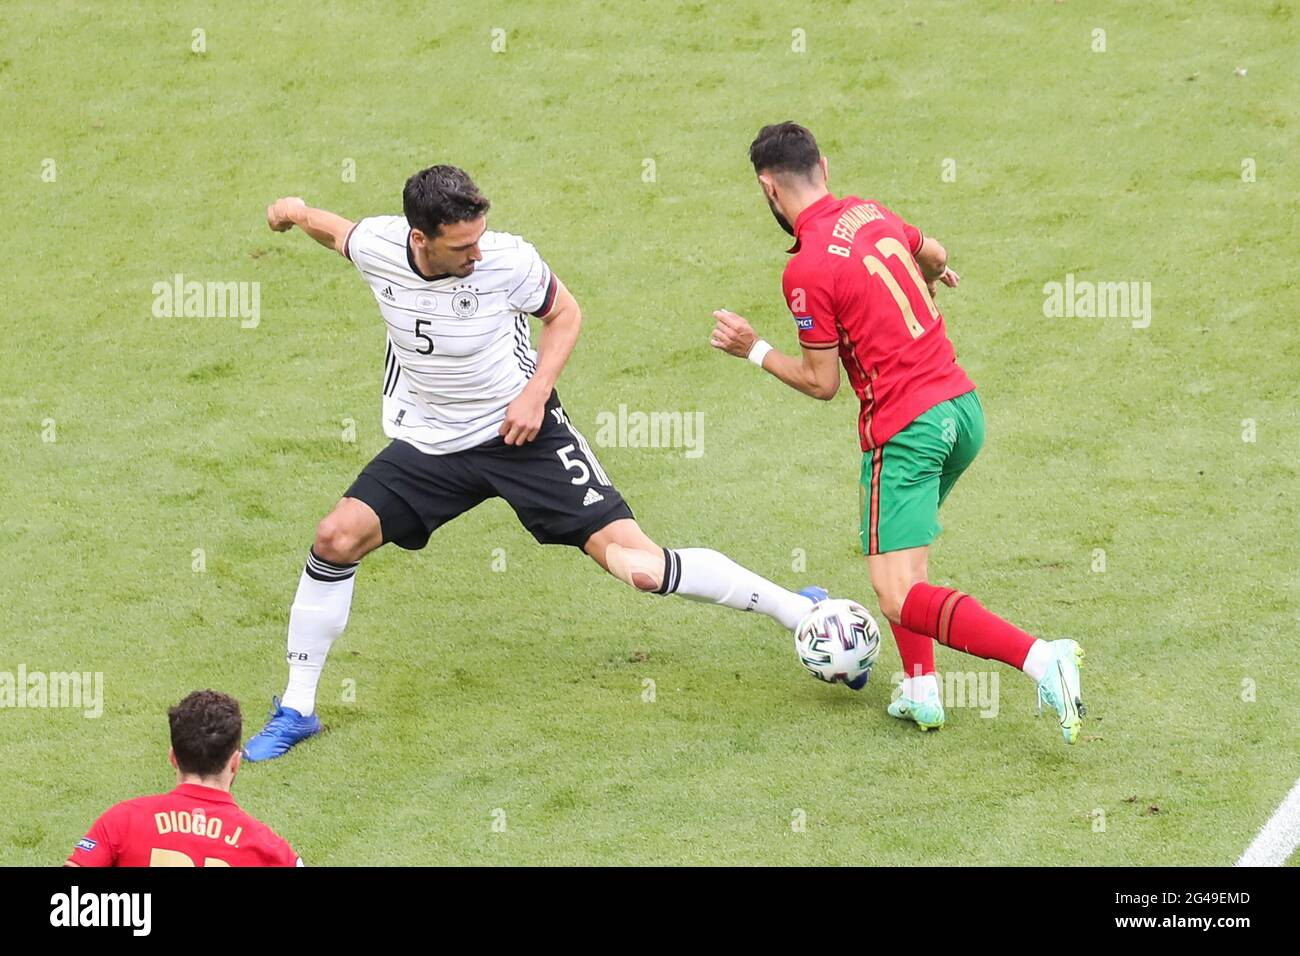 Munich, Allemagne. 19 juin 2021. Mat Hummels (top L) de l'Allemagne rivalise avec Bruno Fernandes du Portugal lors du championnat UEFA Euro 2020 du Groupe F à Munich, Allemagne, le 19 juin 2021. Credit: Shan Yuqi/Xinhua/Alay Live News Banque D'Images